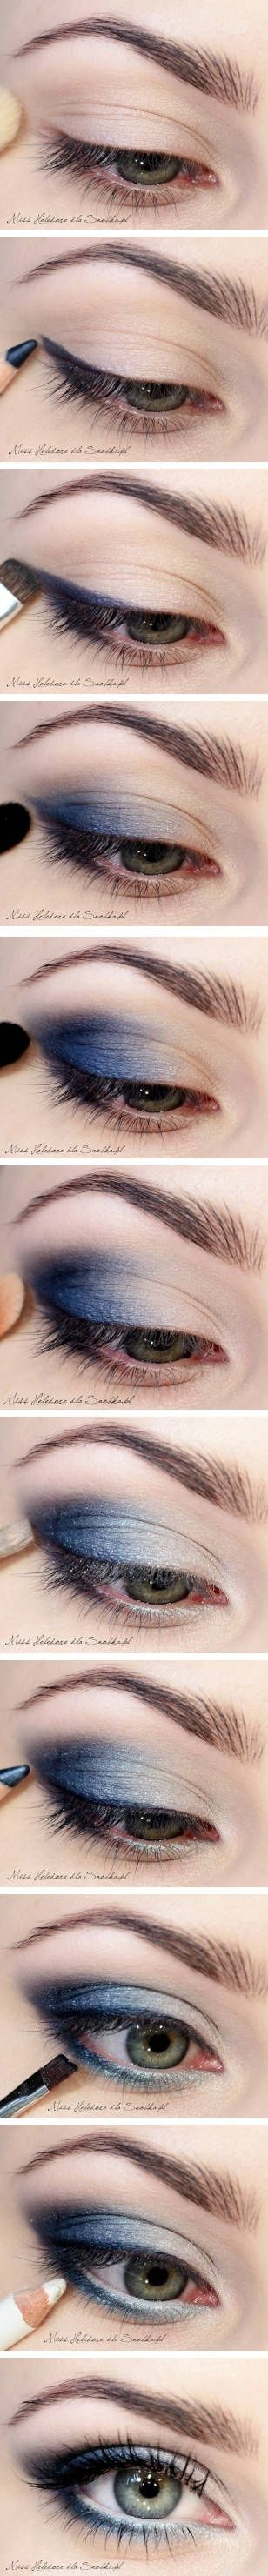 Smokey blue eyes